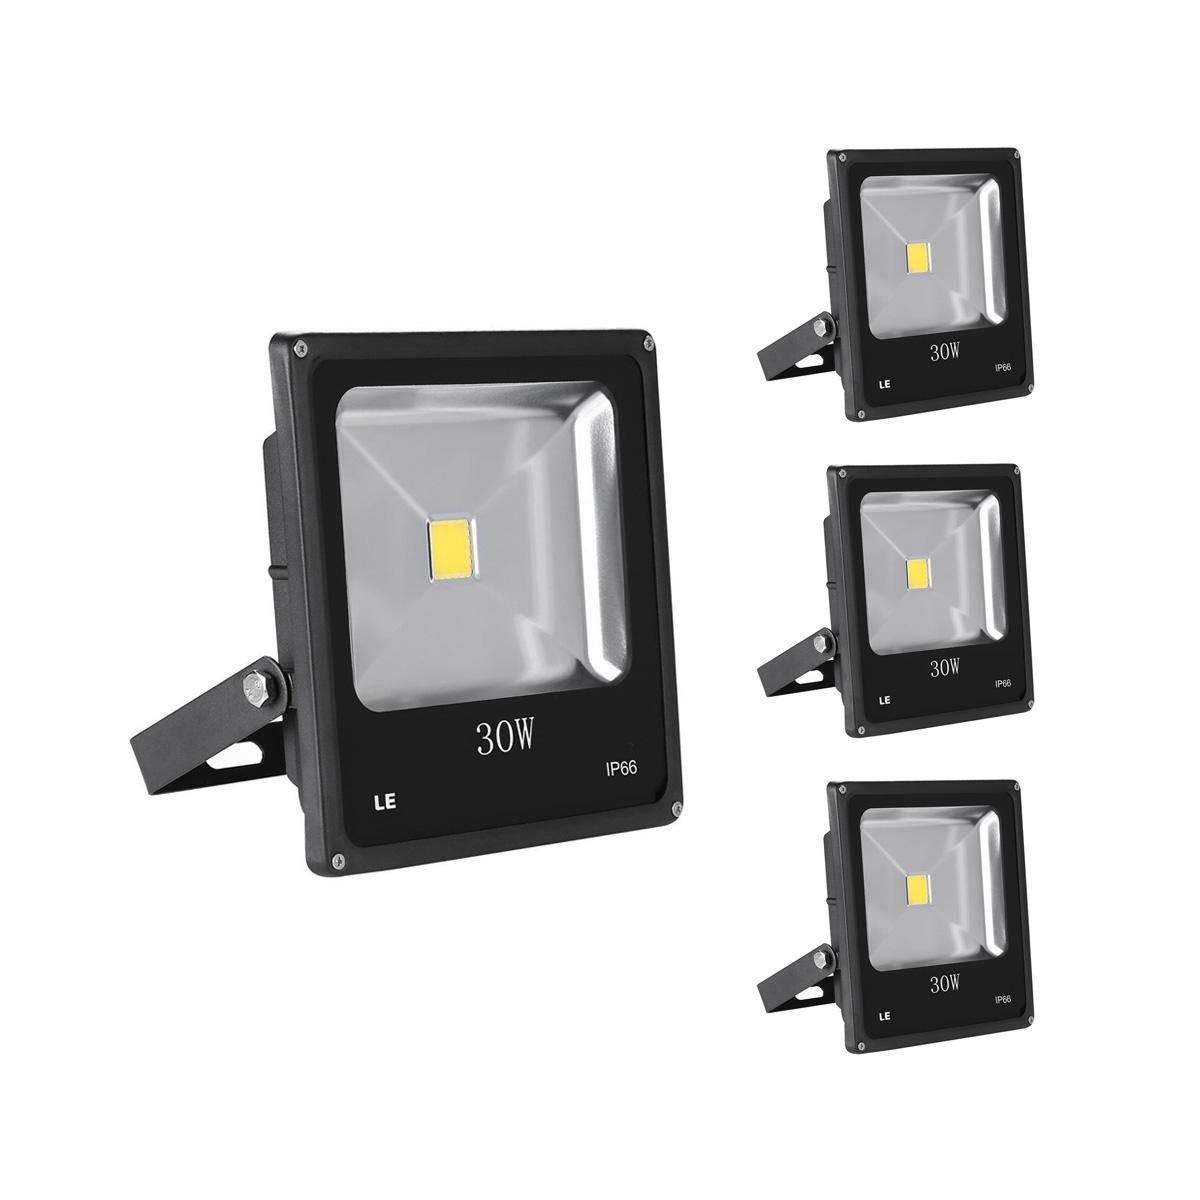 [Bündel] 30W LED Strahler, 2250lm Scheinwerfer, ersetzt 75W HS Lampe, Kaltweiß, Wasserdicht, 3er Set